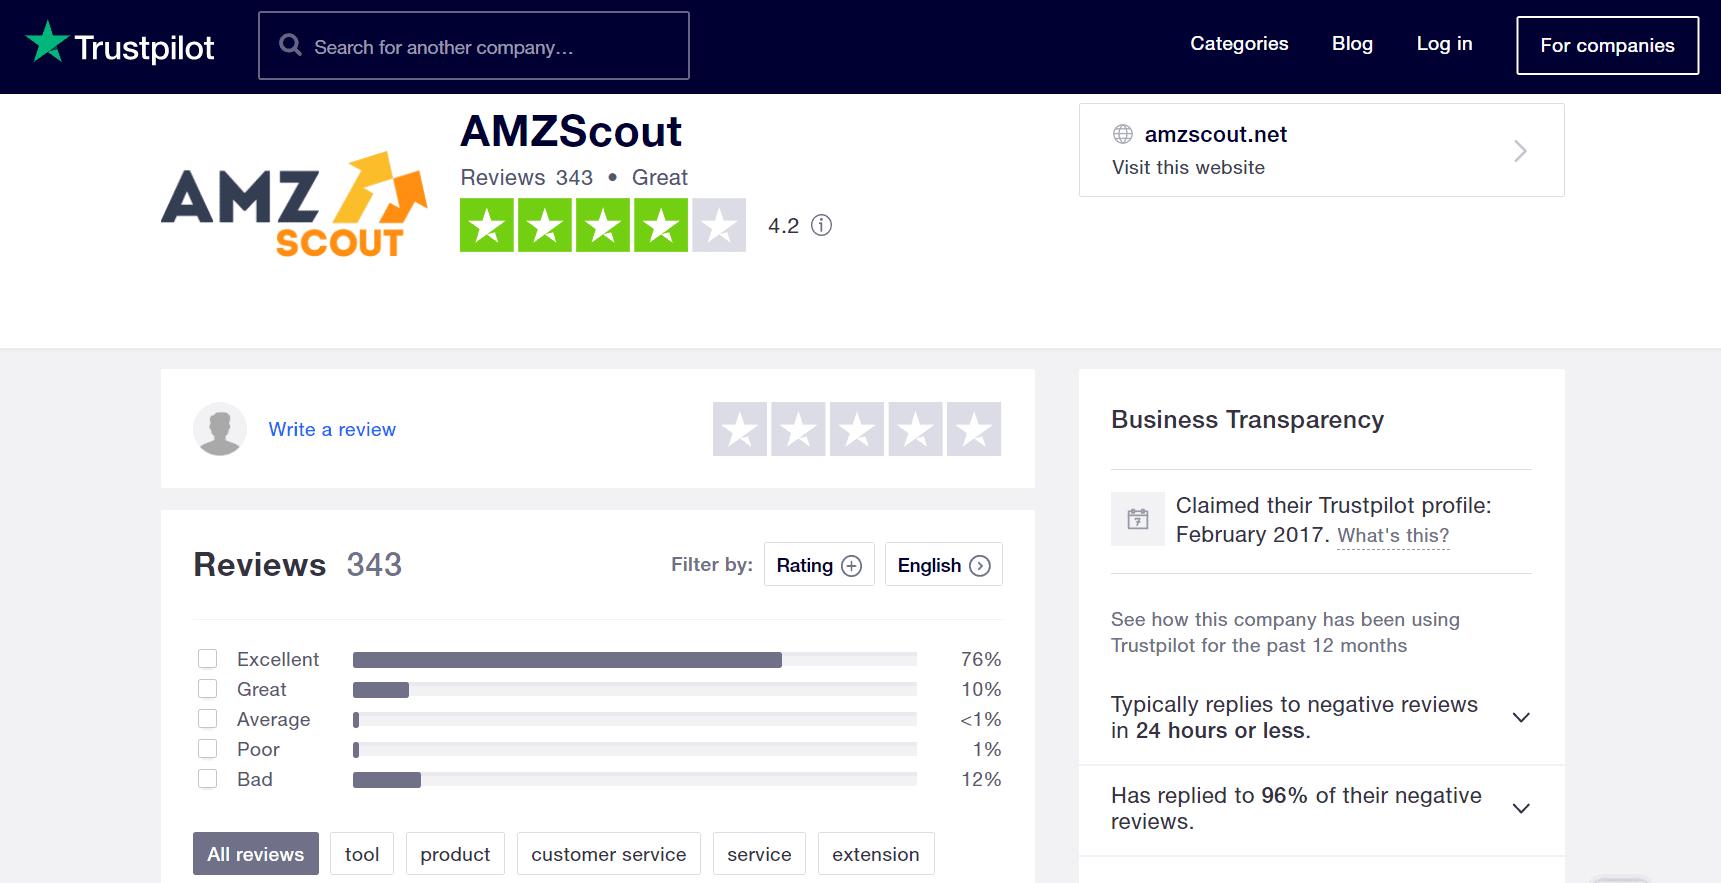 AMZScout-Reviews Trustpilot